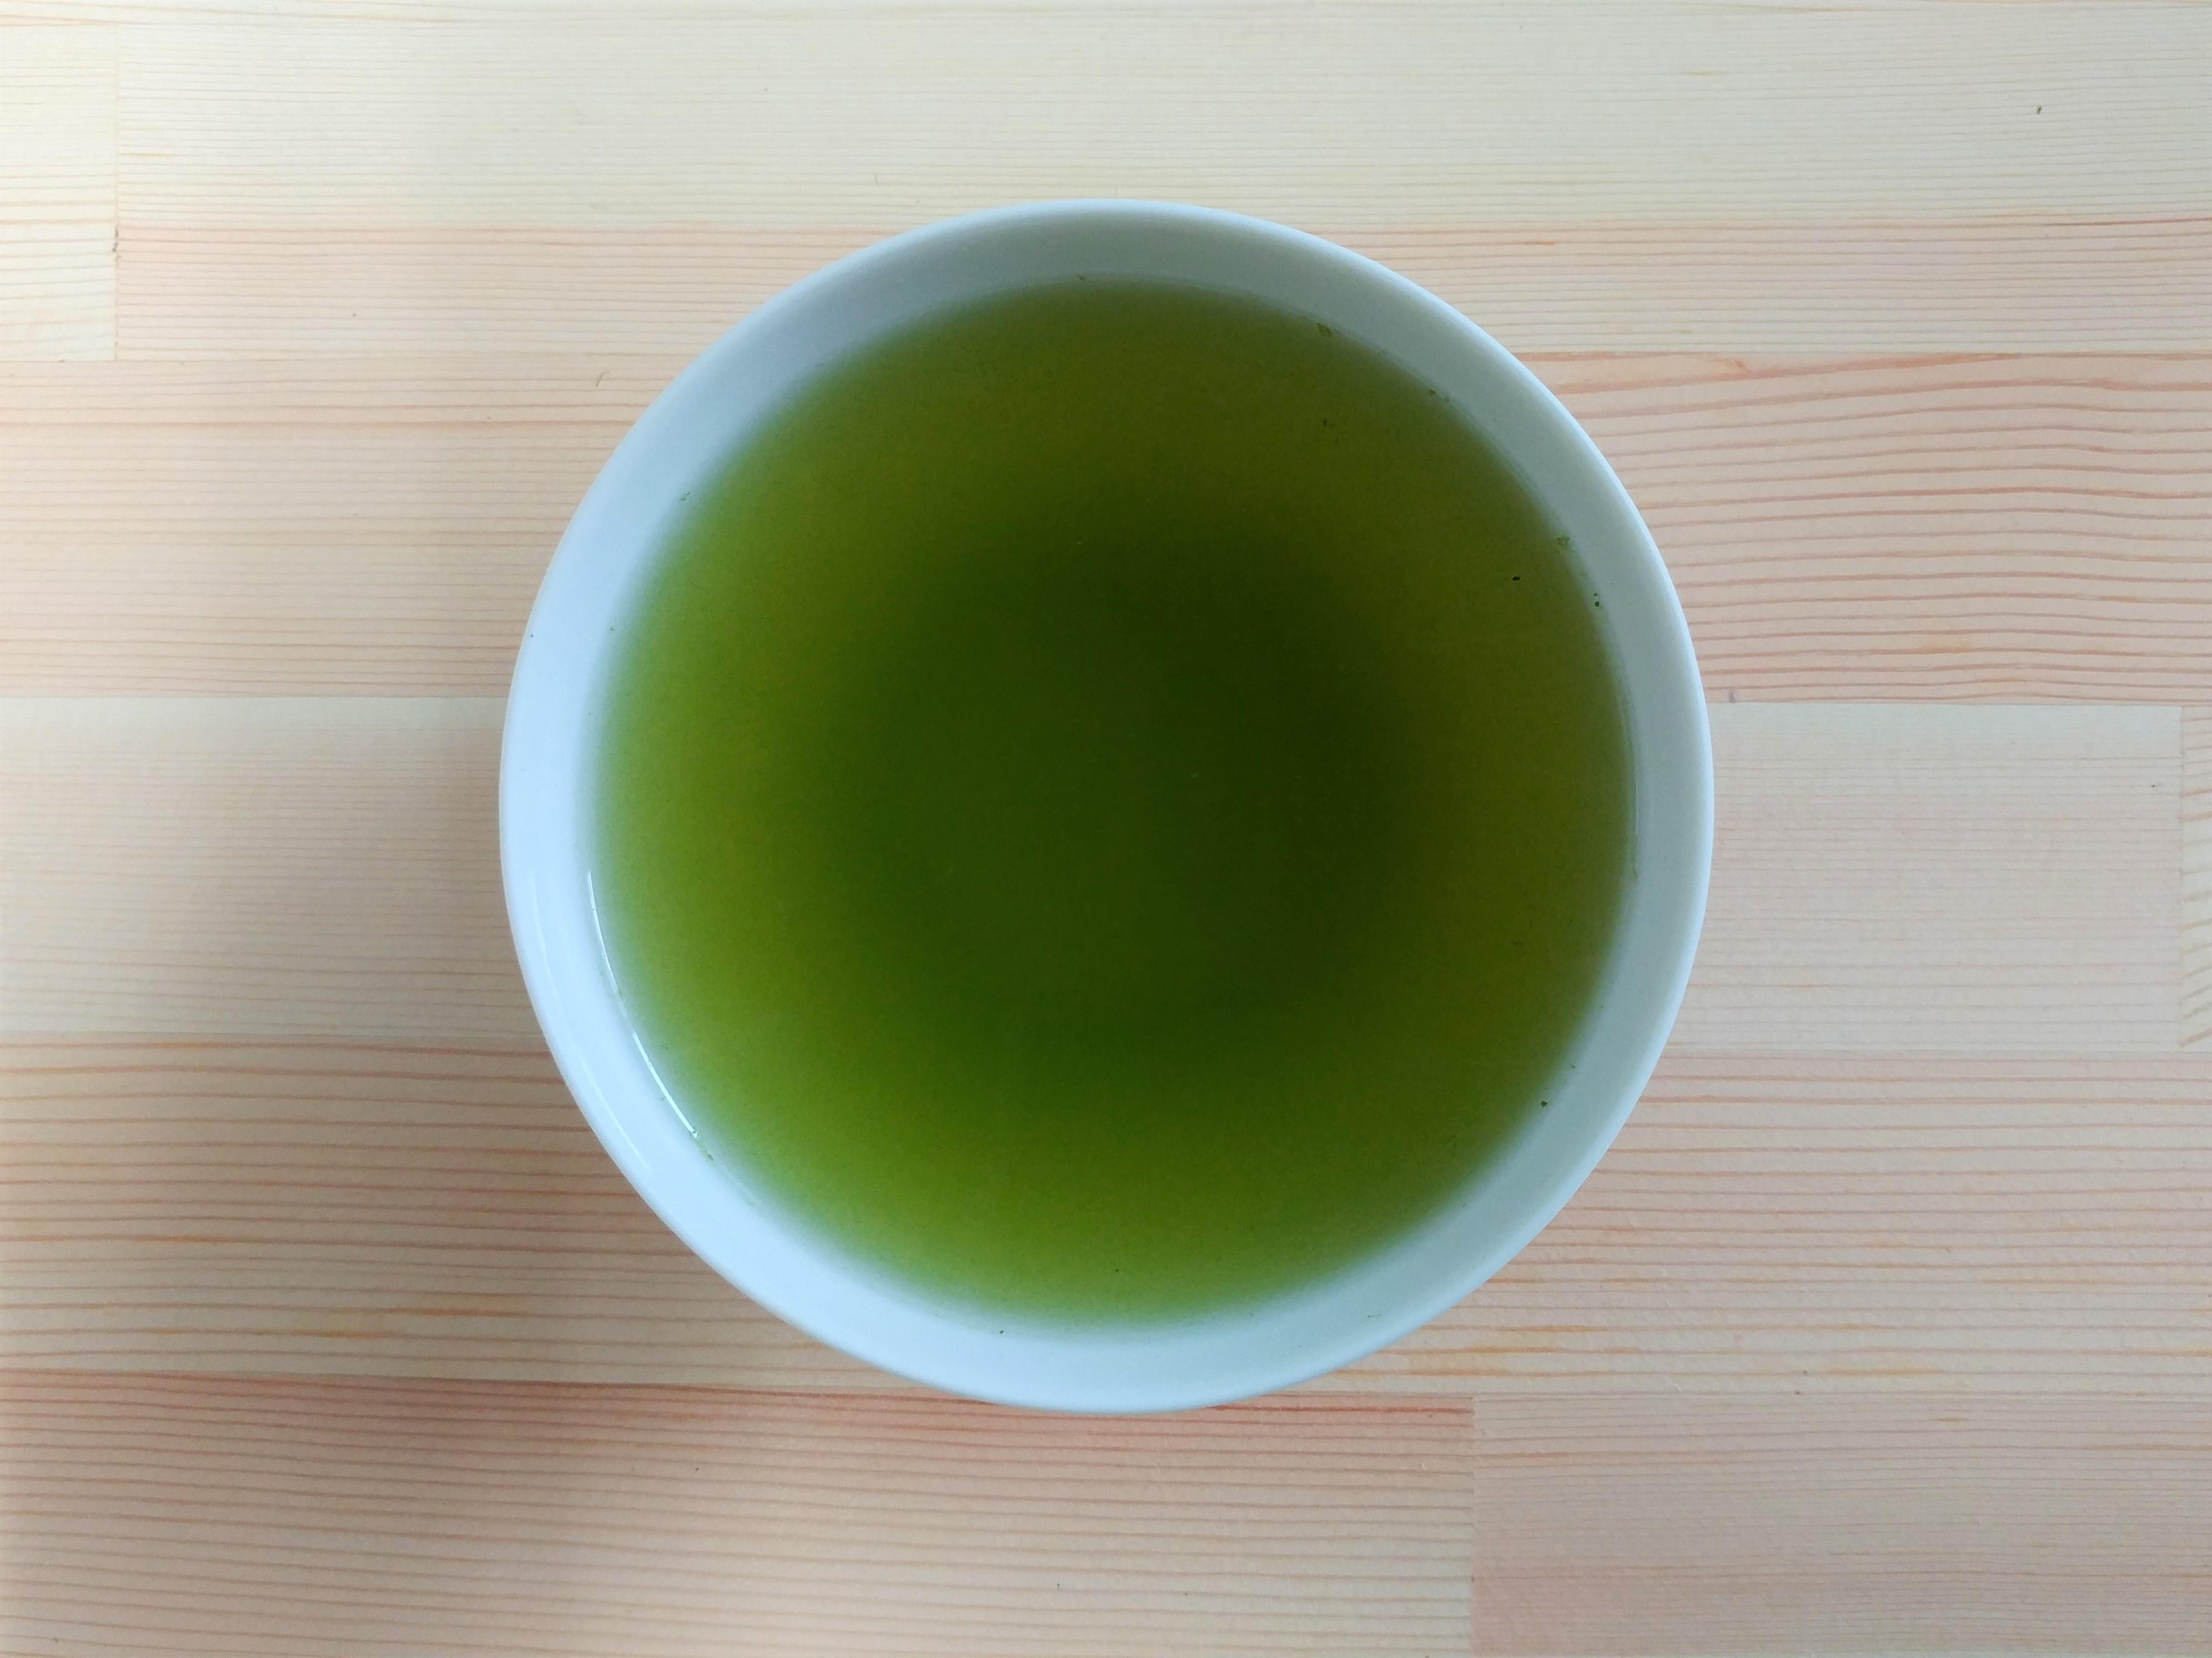 【受賞のご報告】Japanese Tea Selection Paris 2019において銀賞を受賞